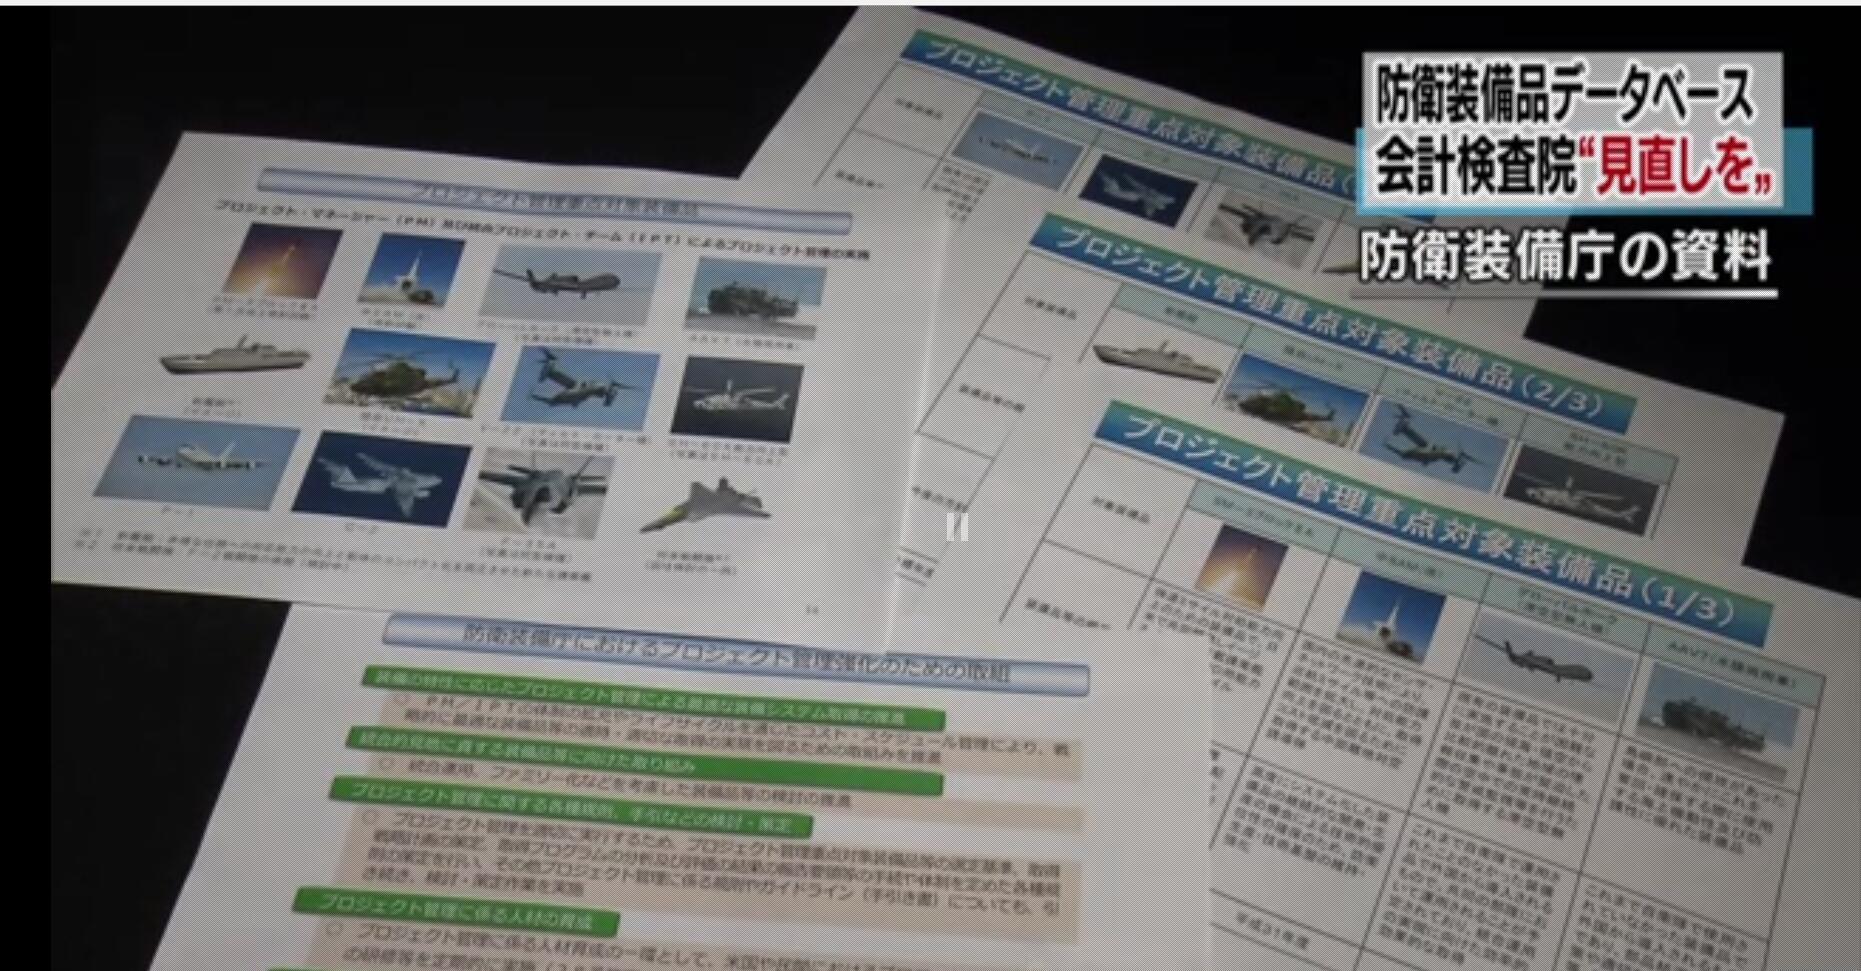 日本斥巨资建武器价格数据库 千余条信息有9成无法使用